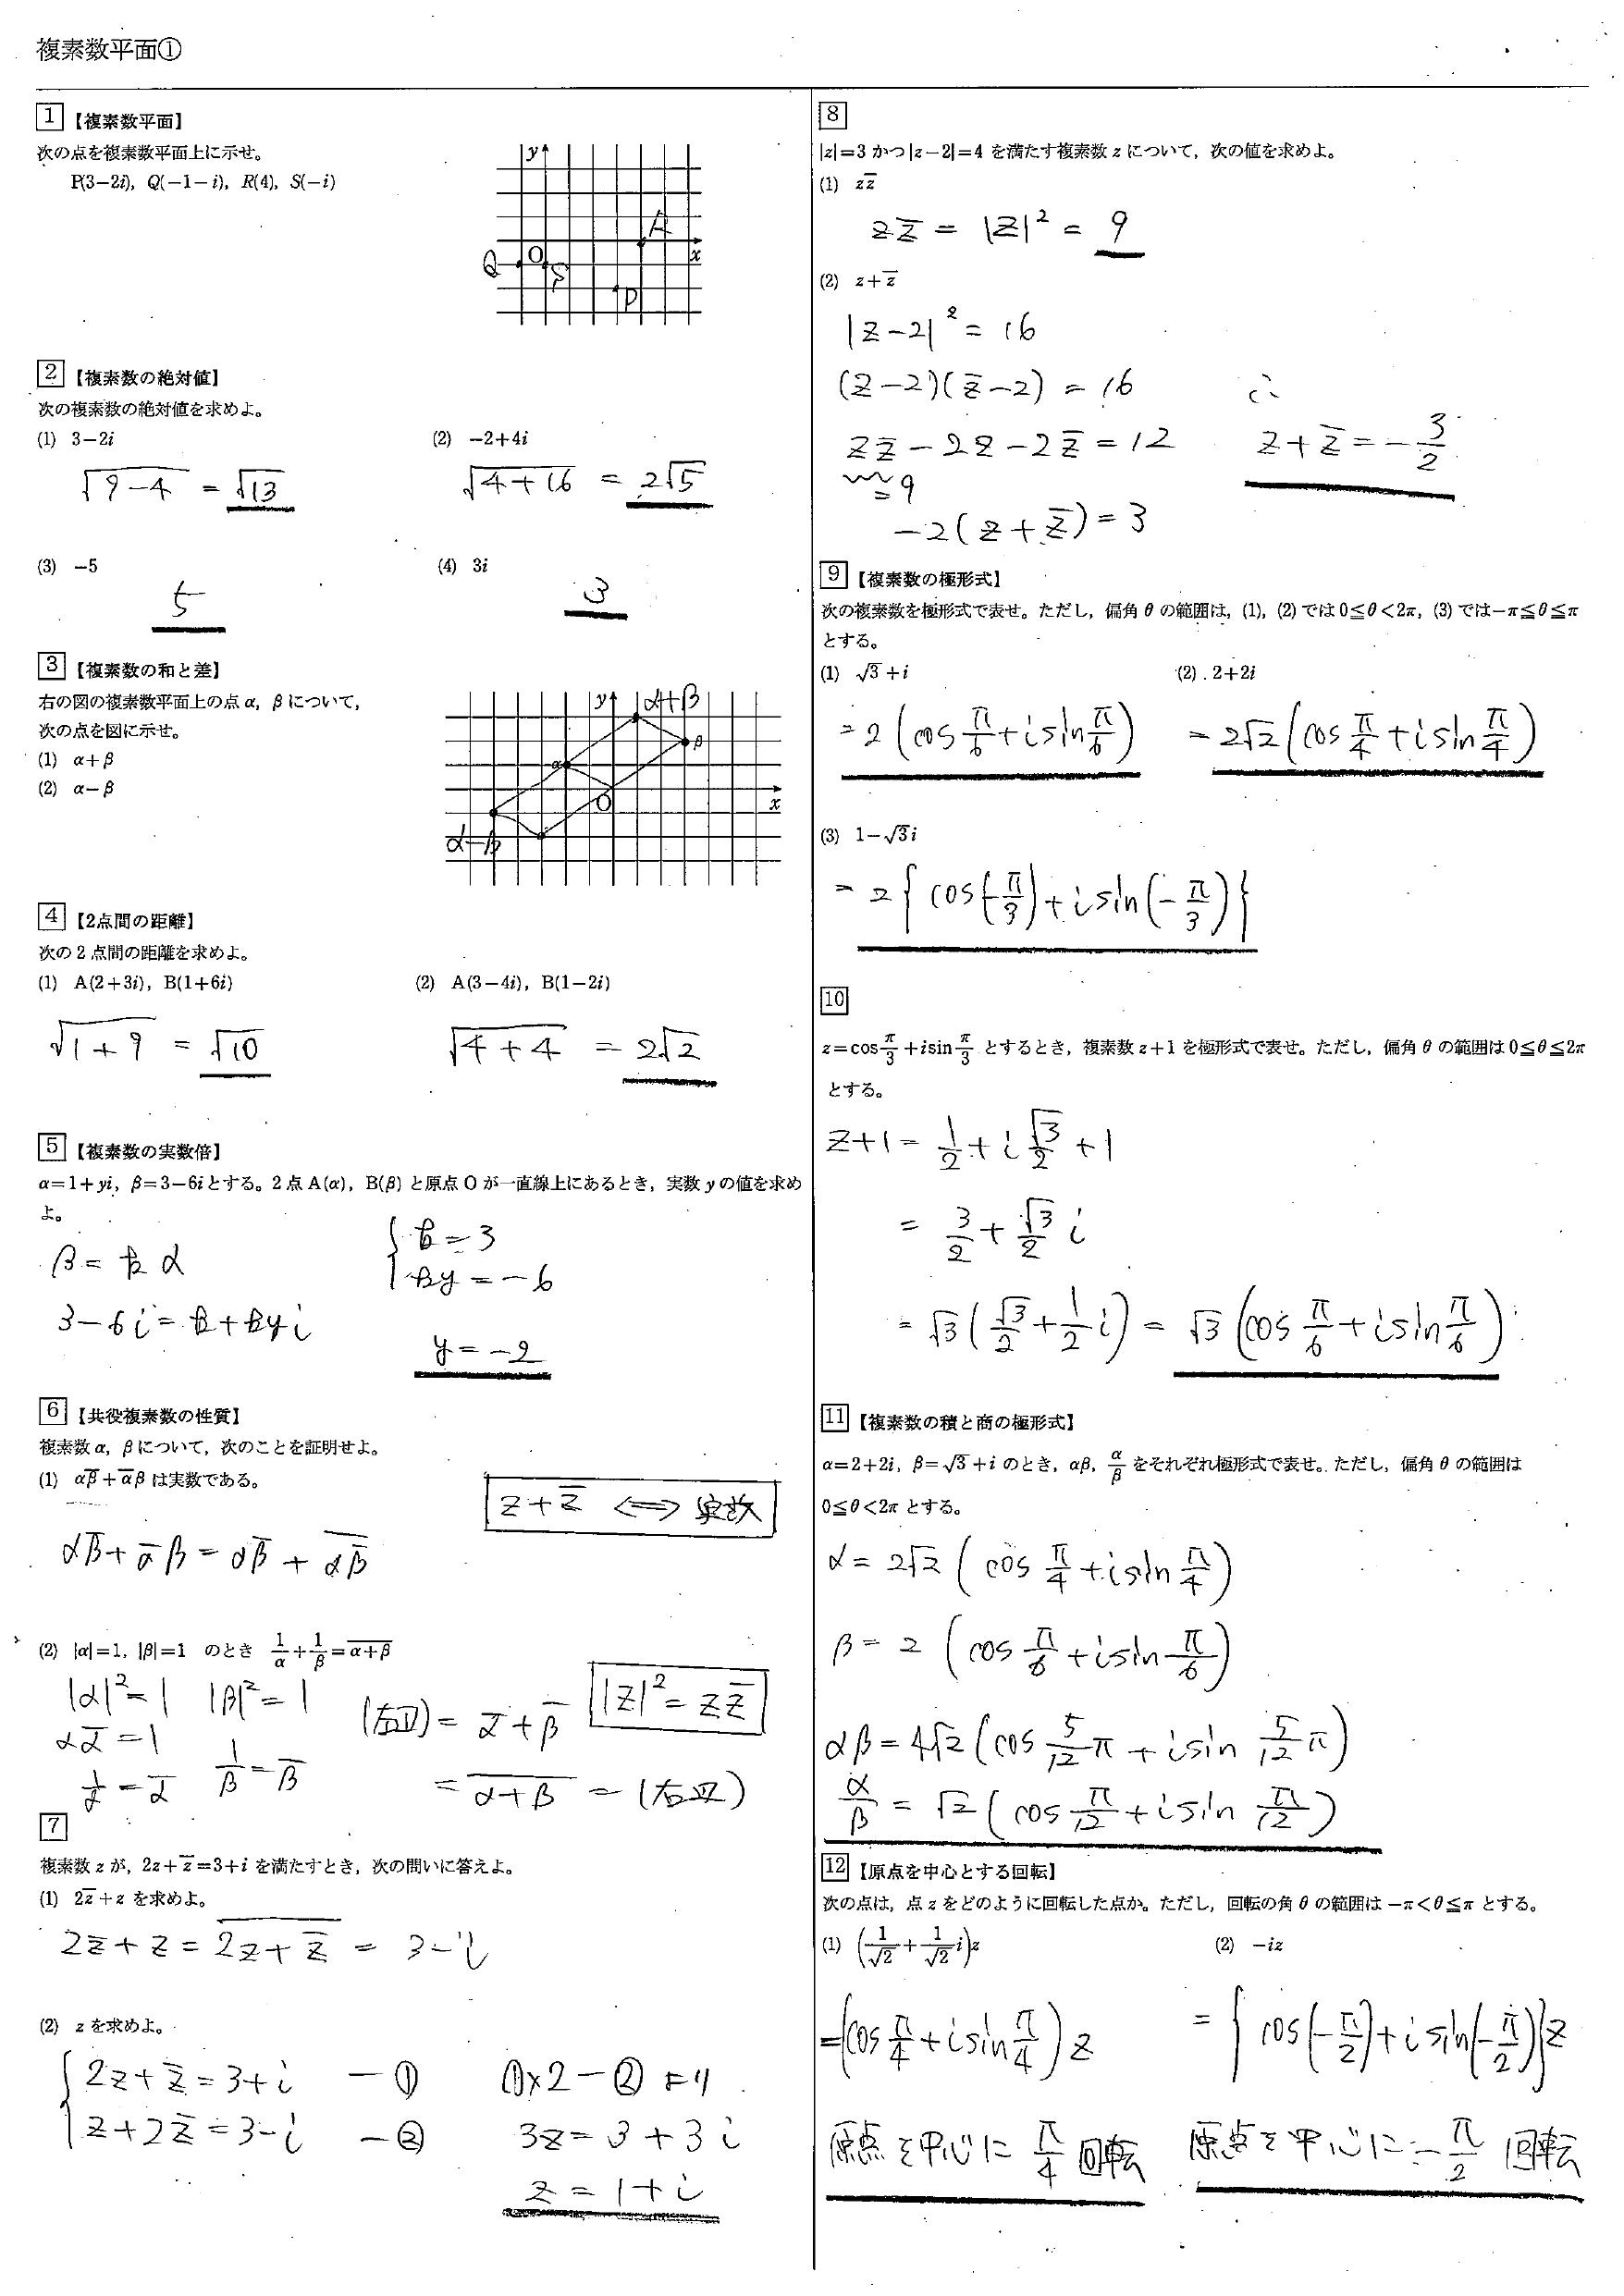 数Ⅲ 複素数平面 まとめ 一覧 問題 解答 公式